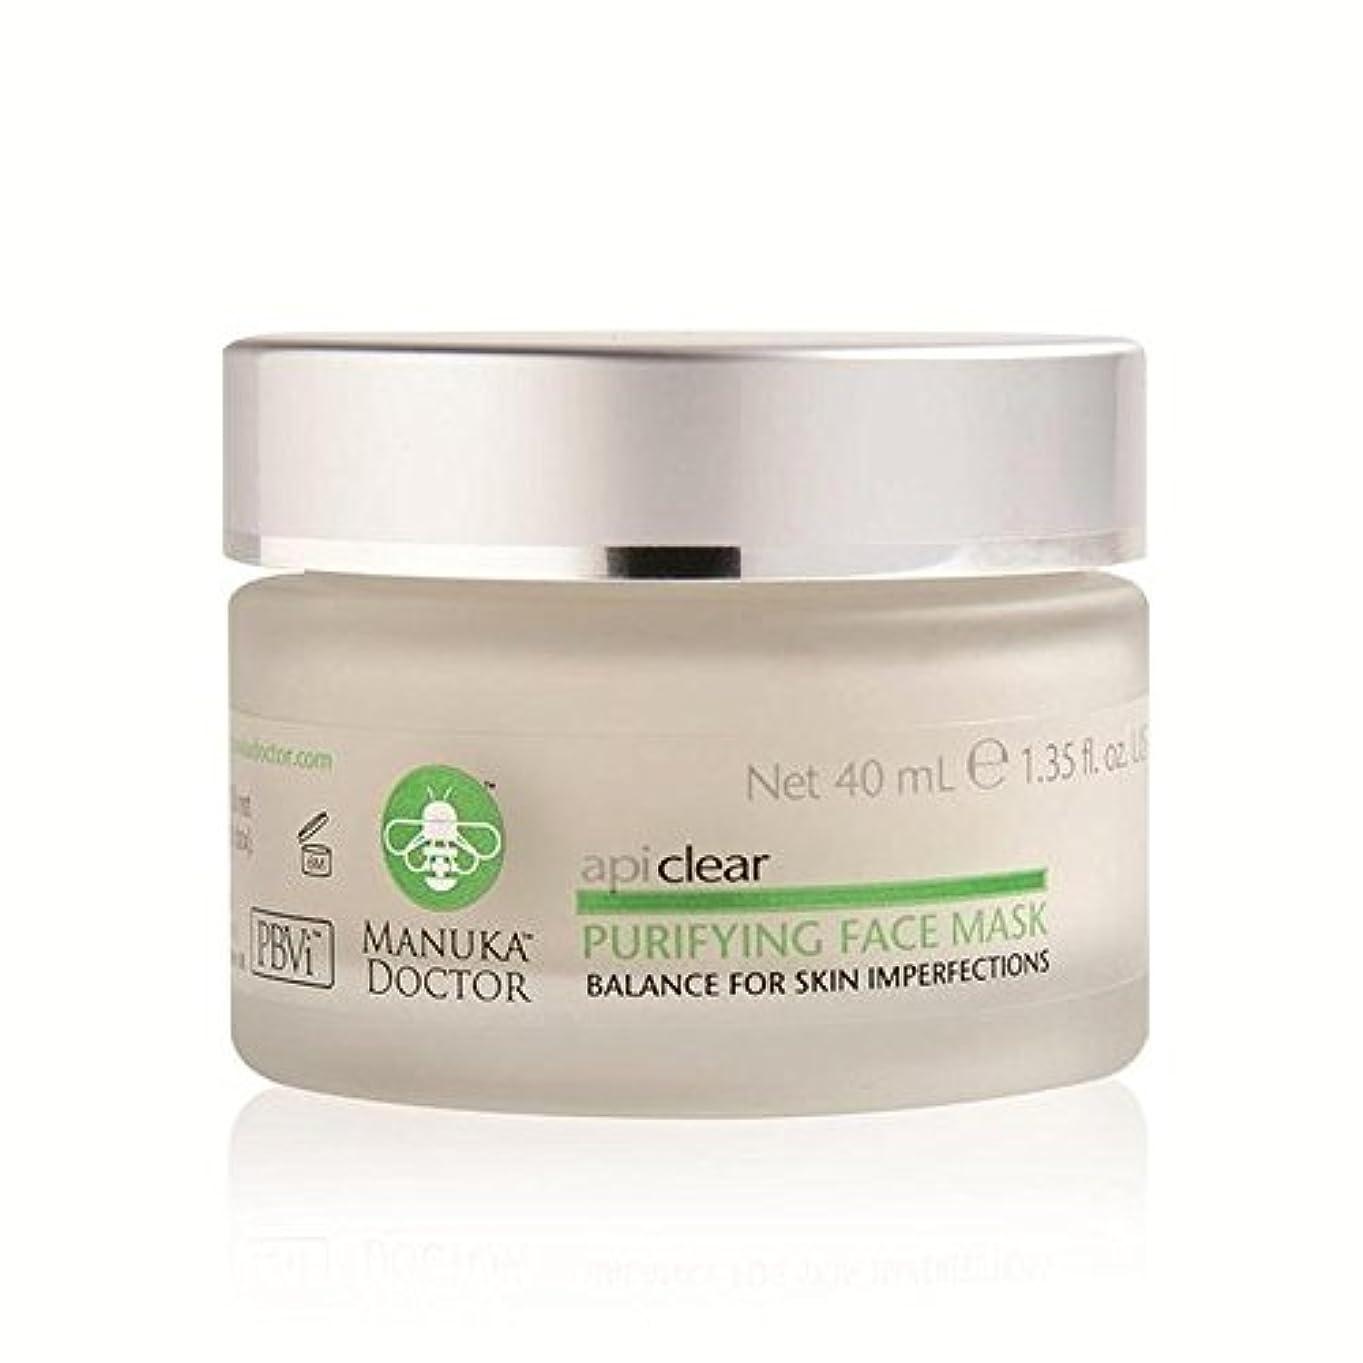 限界良いダニManuka Doctor Api Clear Purifying Face Mask 40ml - マヌカドクター明確な浄化フェイスマスク40ミリリットル [並行輸入品]